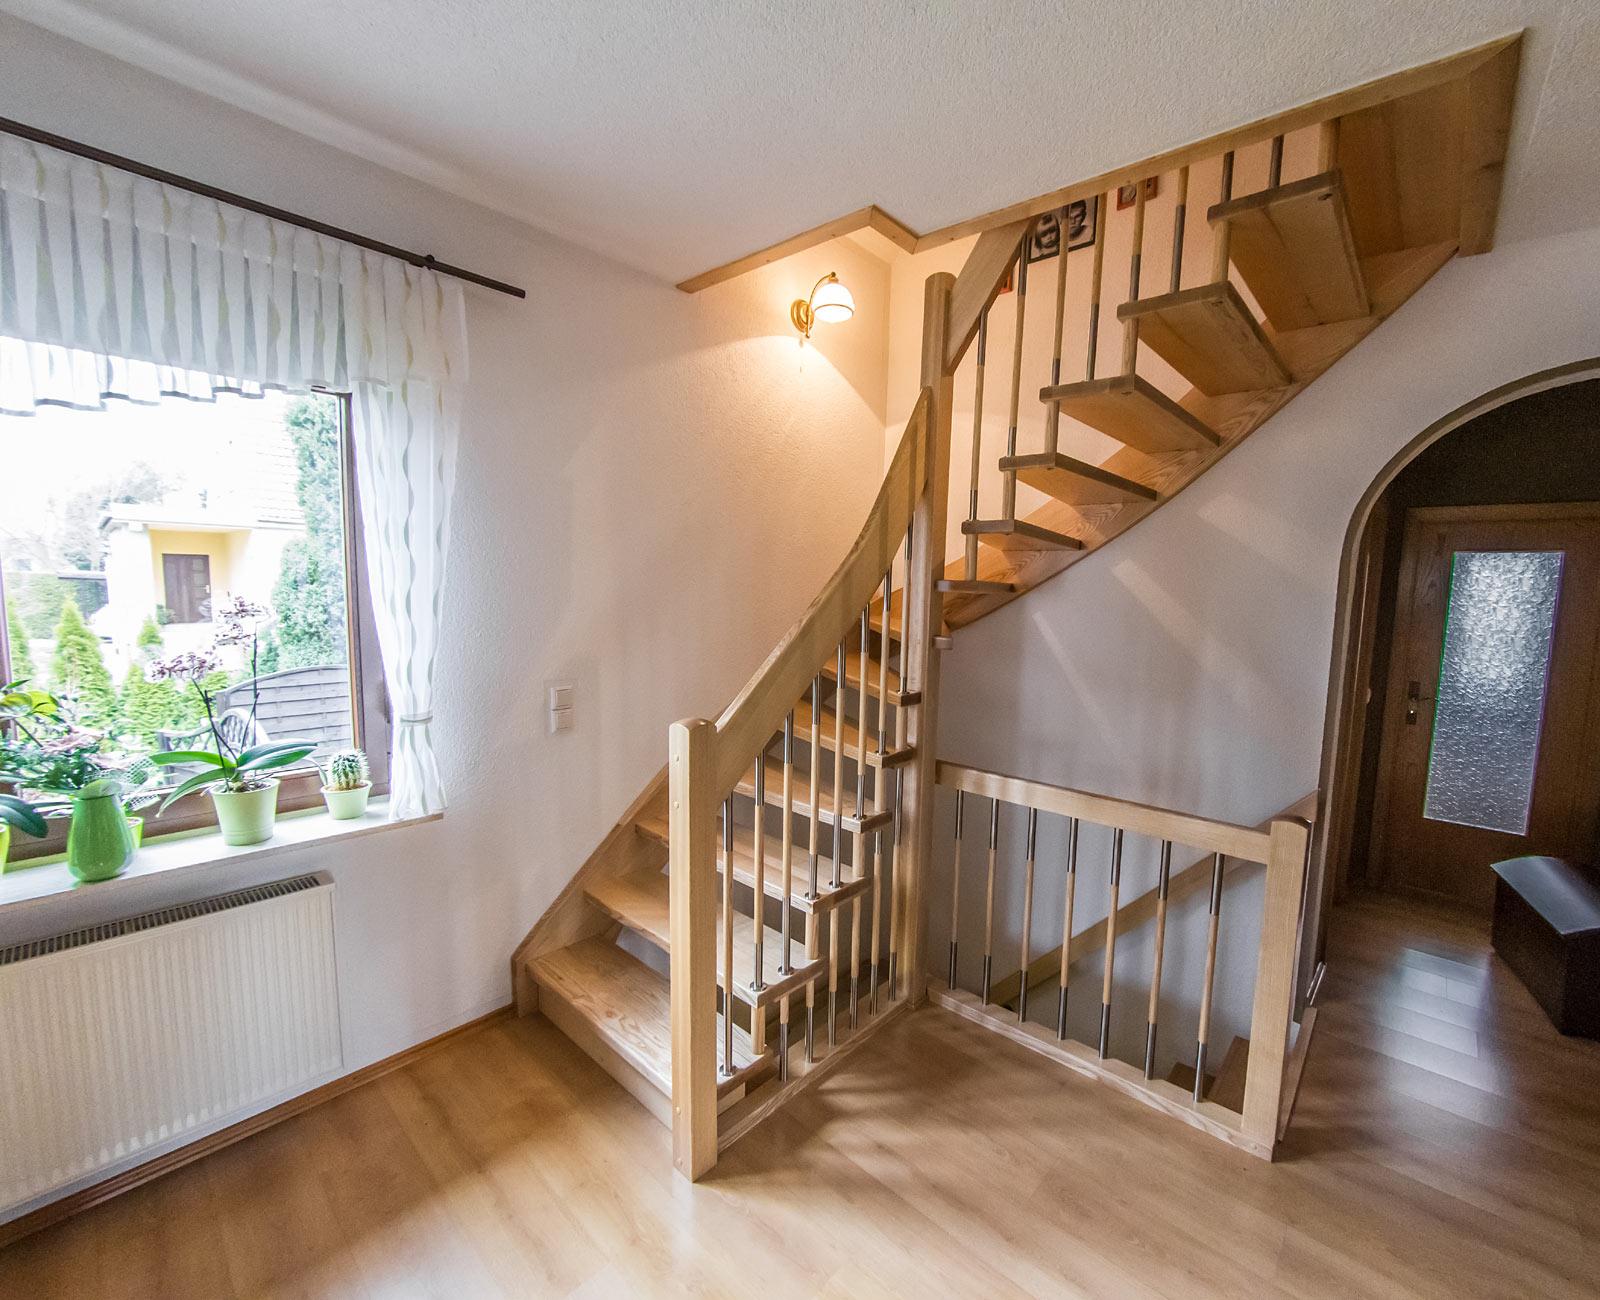 treppenbau oranienbaum gmbh galerie. Black Bedroom Furniture Sets. Home Design Ideas